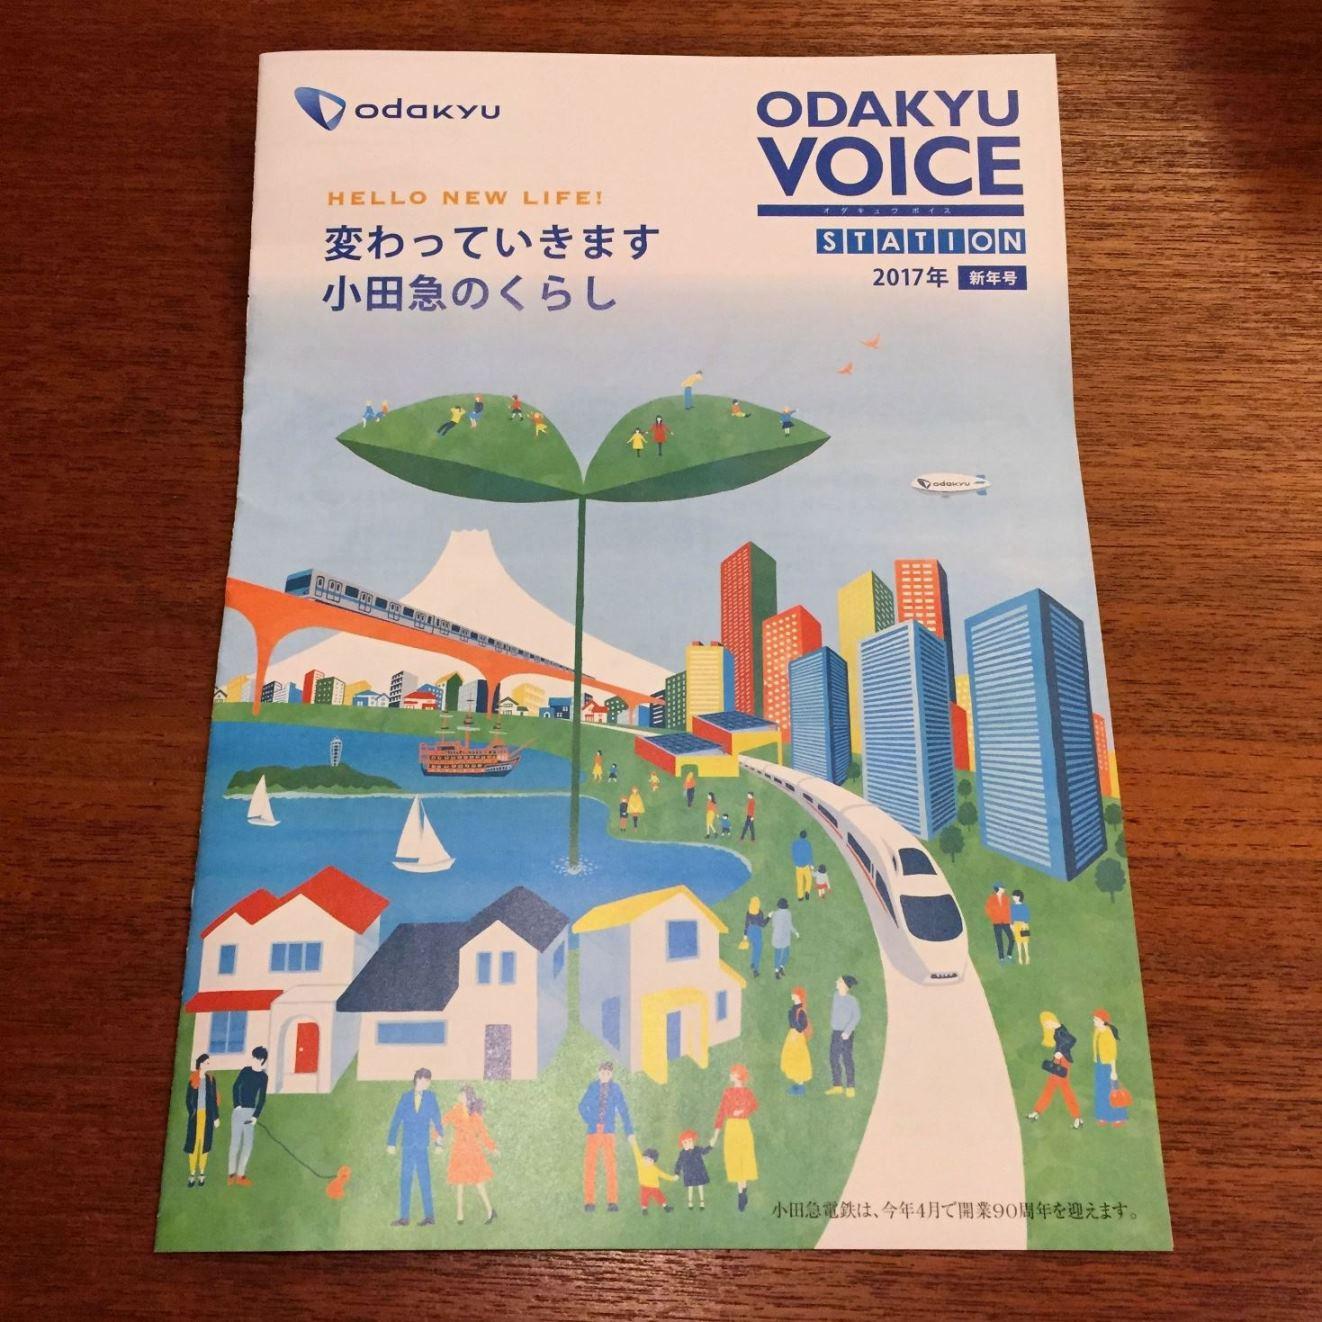 2018年3月の小田急線ダイヤ改正における、下北沢住民にとってのメリットは